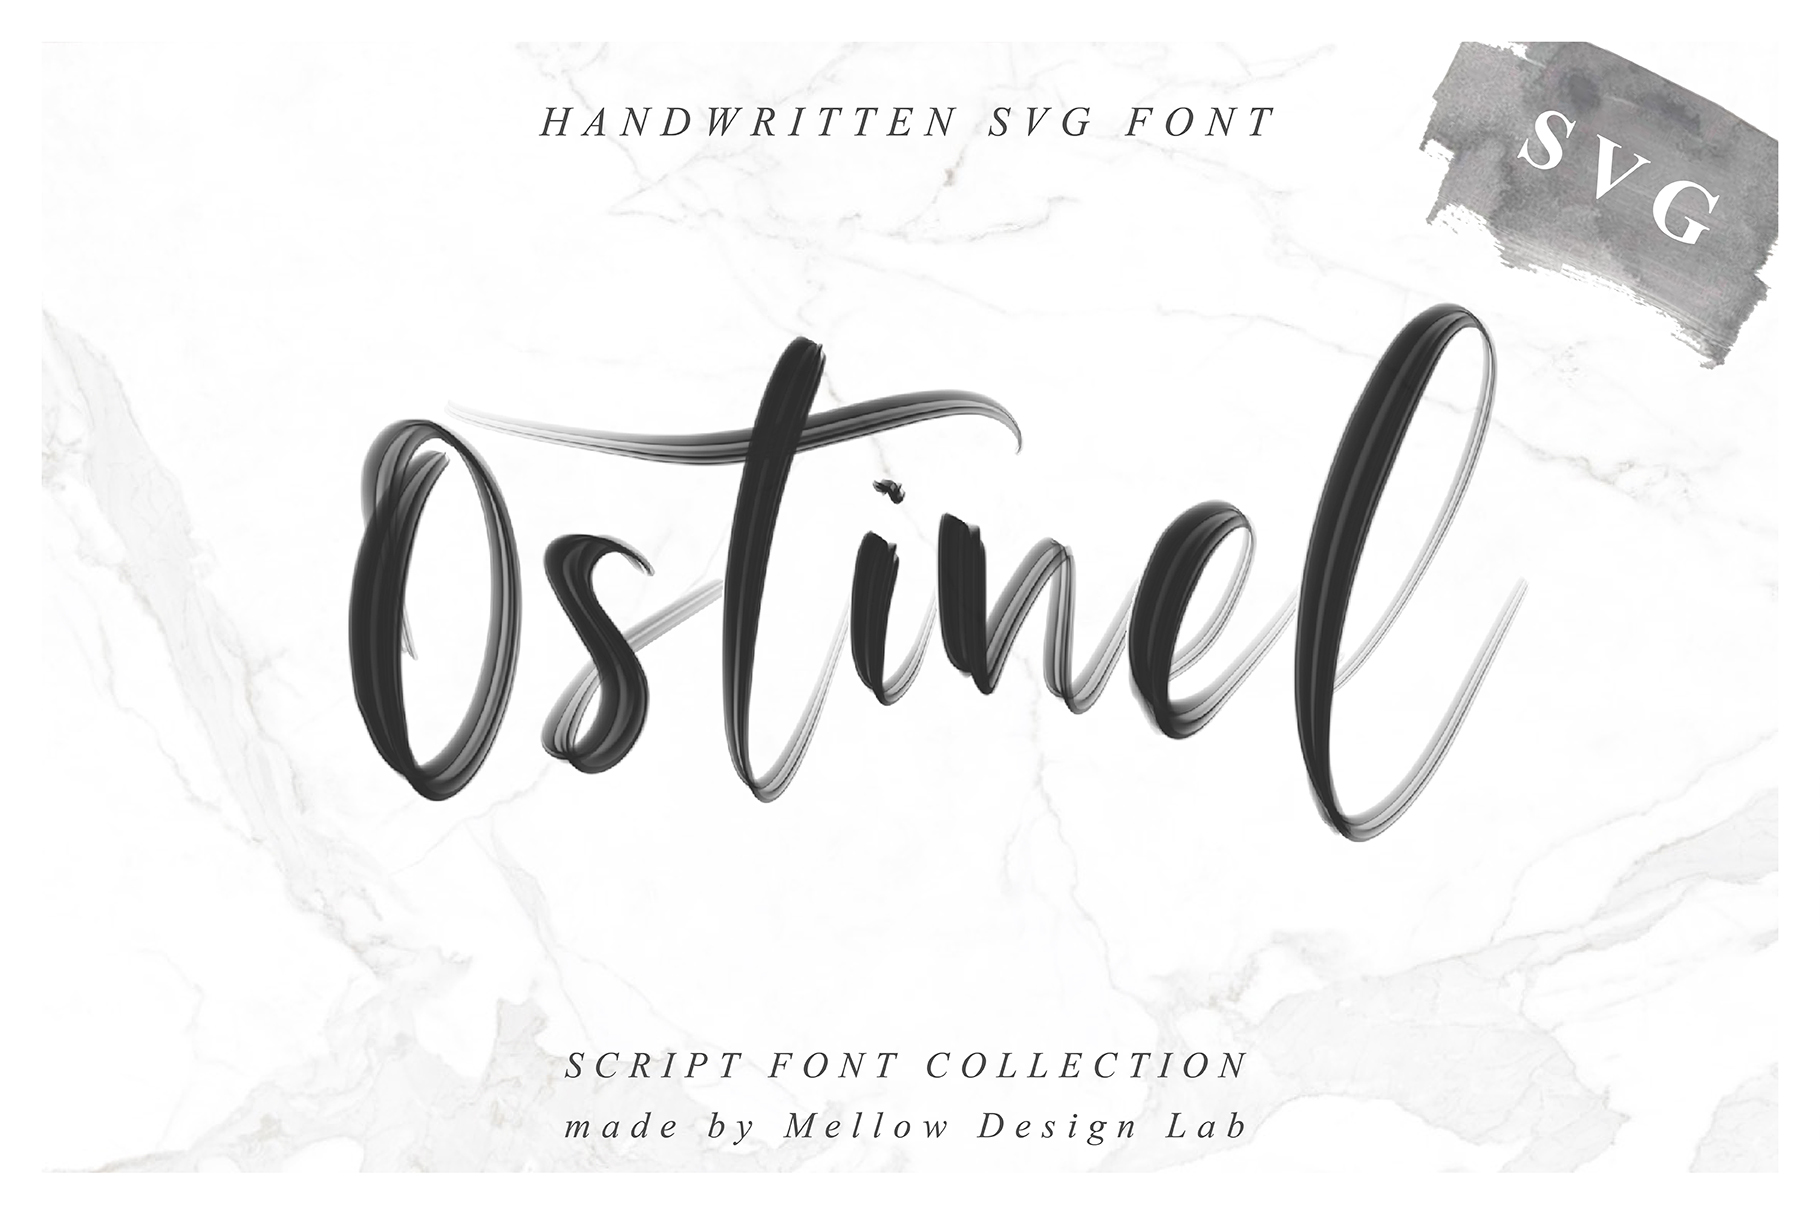 Ostinel SVG Font example image 1